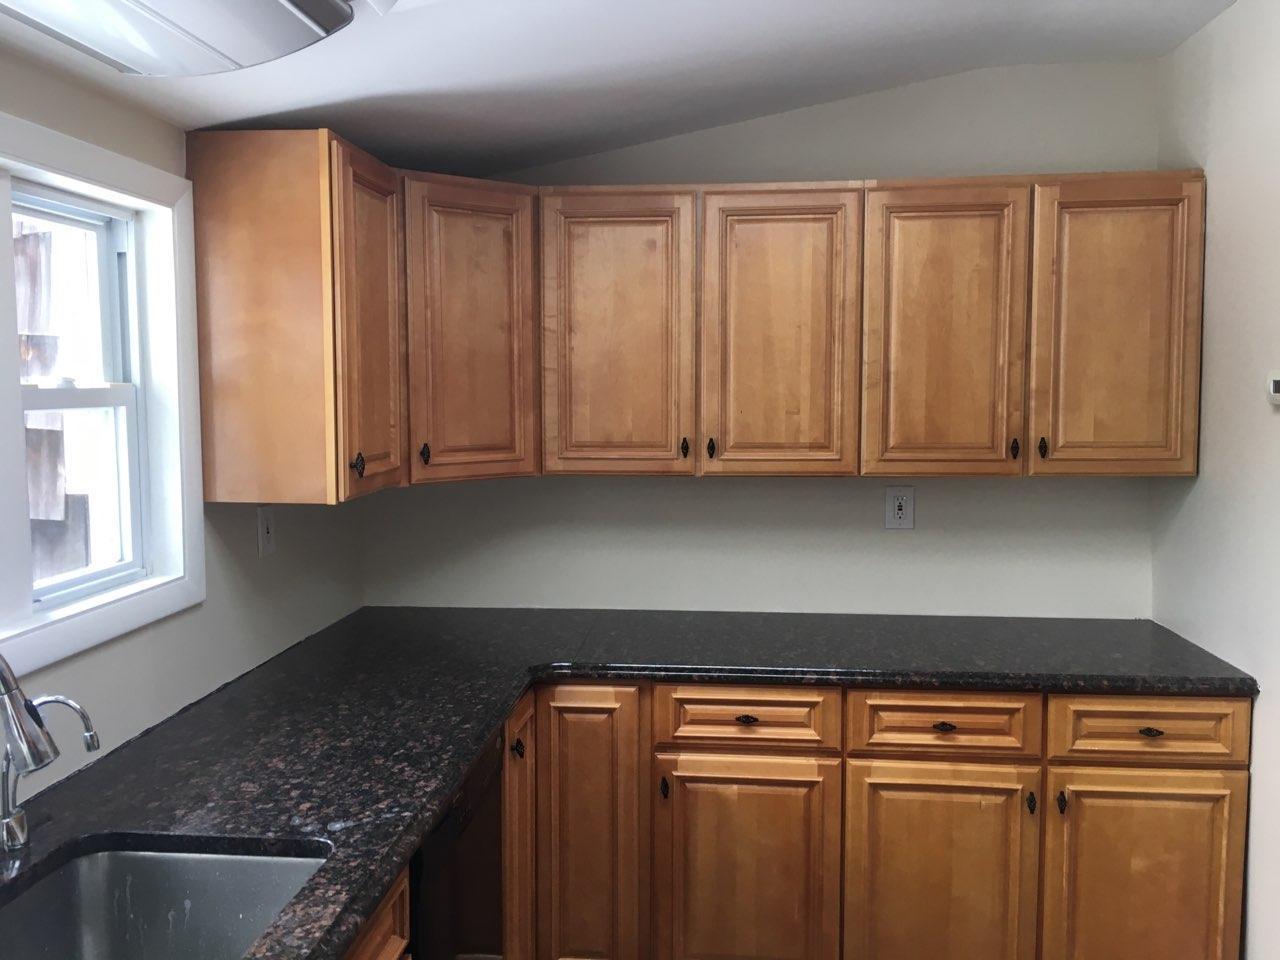 373 Dover Chester Rd, Randolph, NJ 07869 For Rent | Trulia